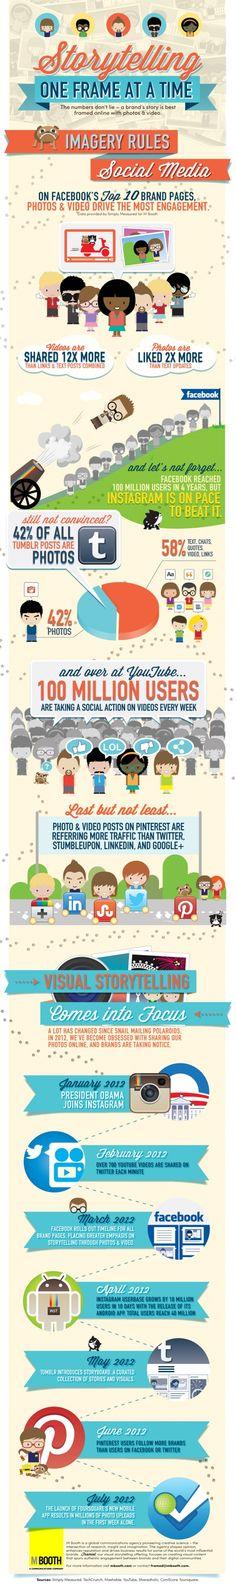 Foto's en video's de beste manier voor Storytelling op Social media [Infographic]